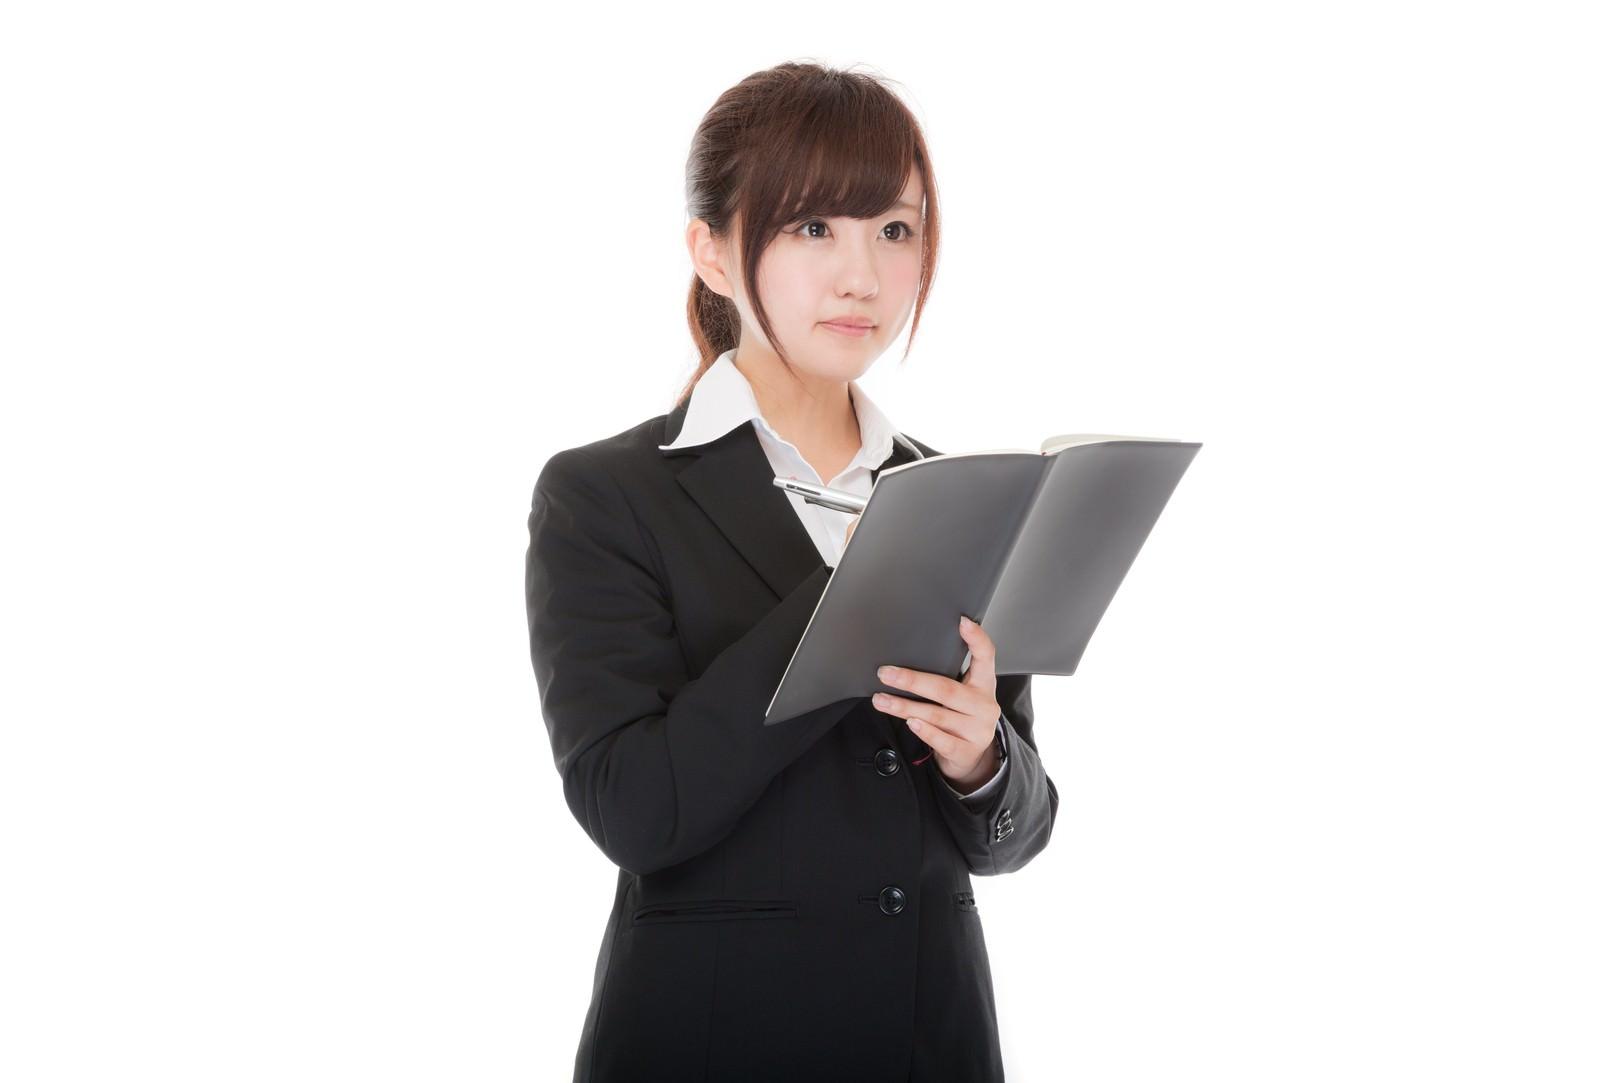 「名簿をチェックする女性社員名簿をチェックする女性社員」[モデル:河村友歌]のフリー写真素材を拡大